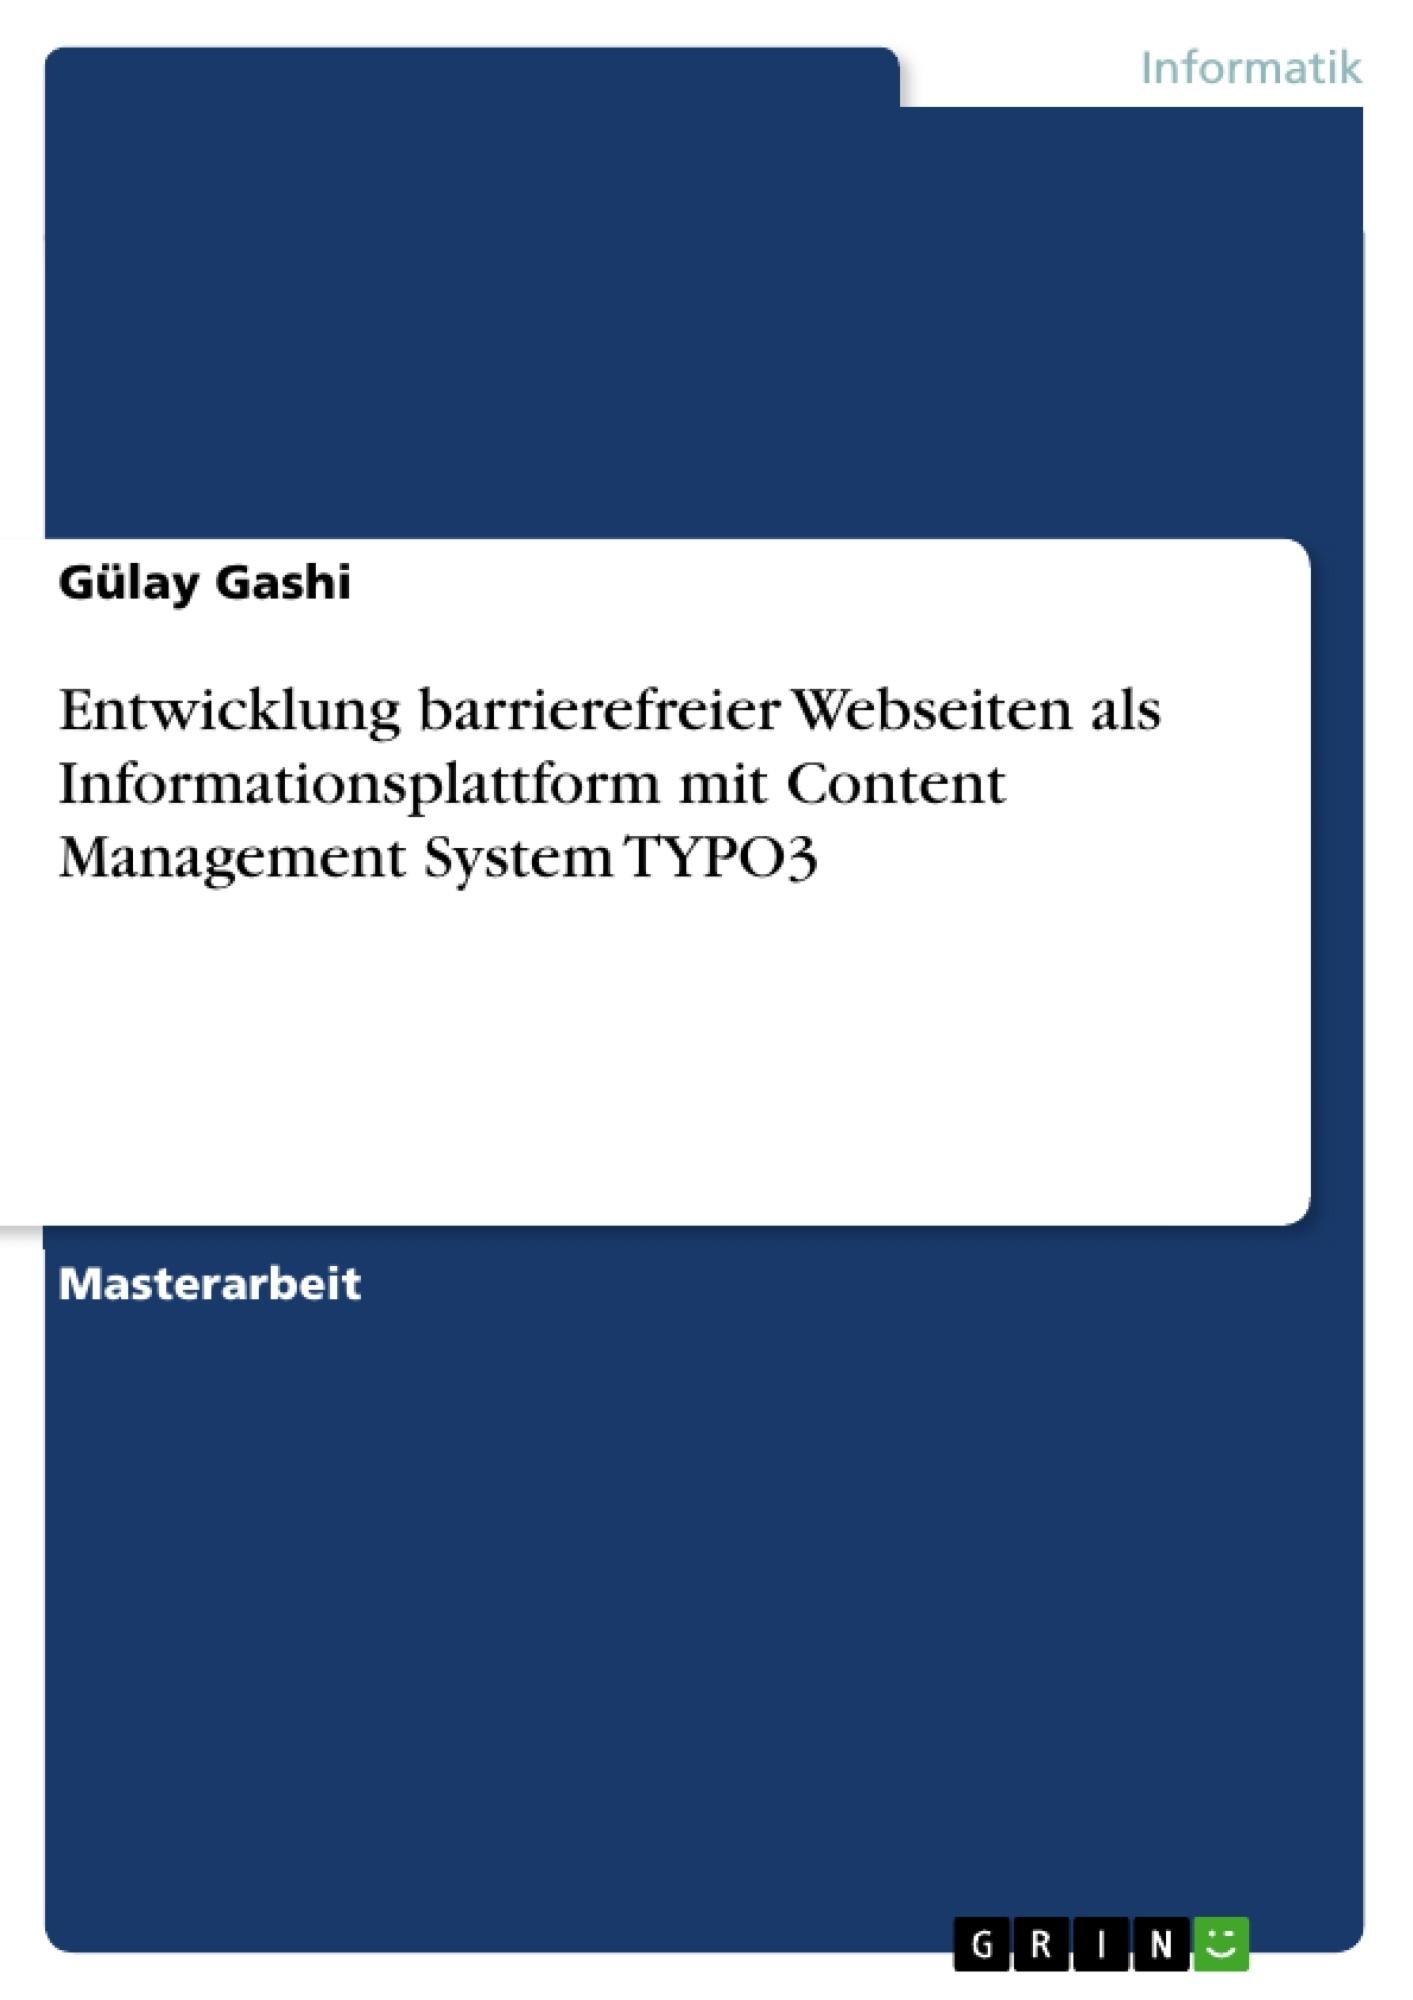 Titel: Entwicklung barrierefreier Webseiten als Informationsplattform mit Content Management System TYPO3